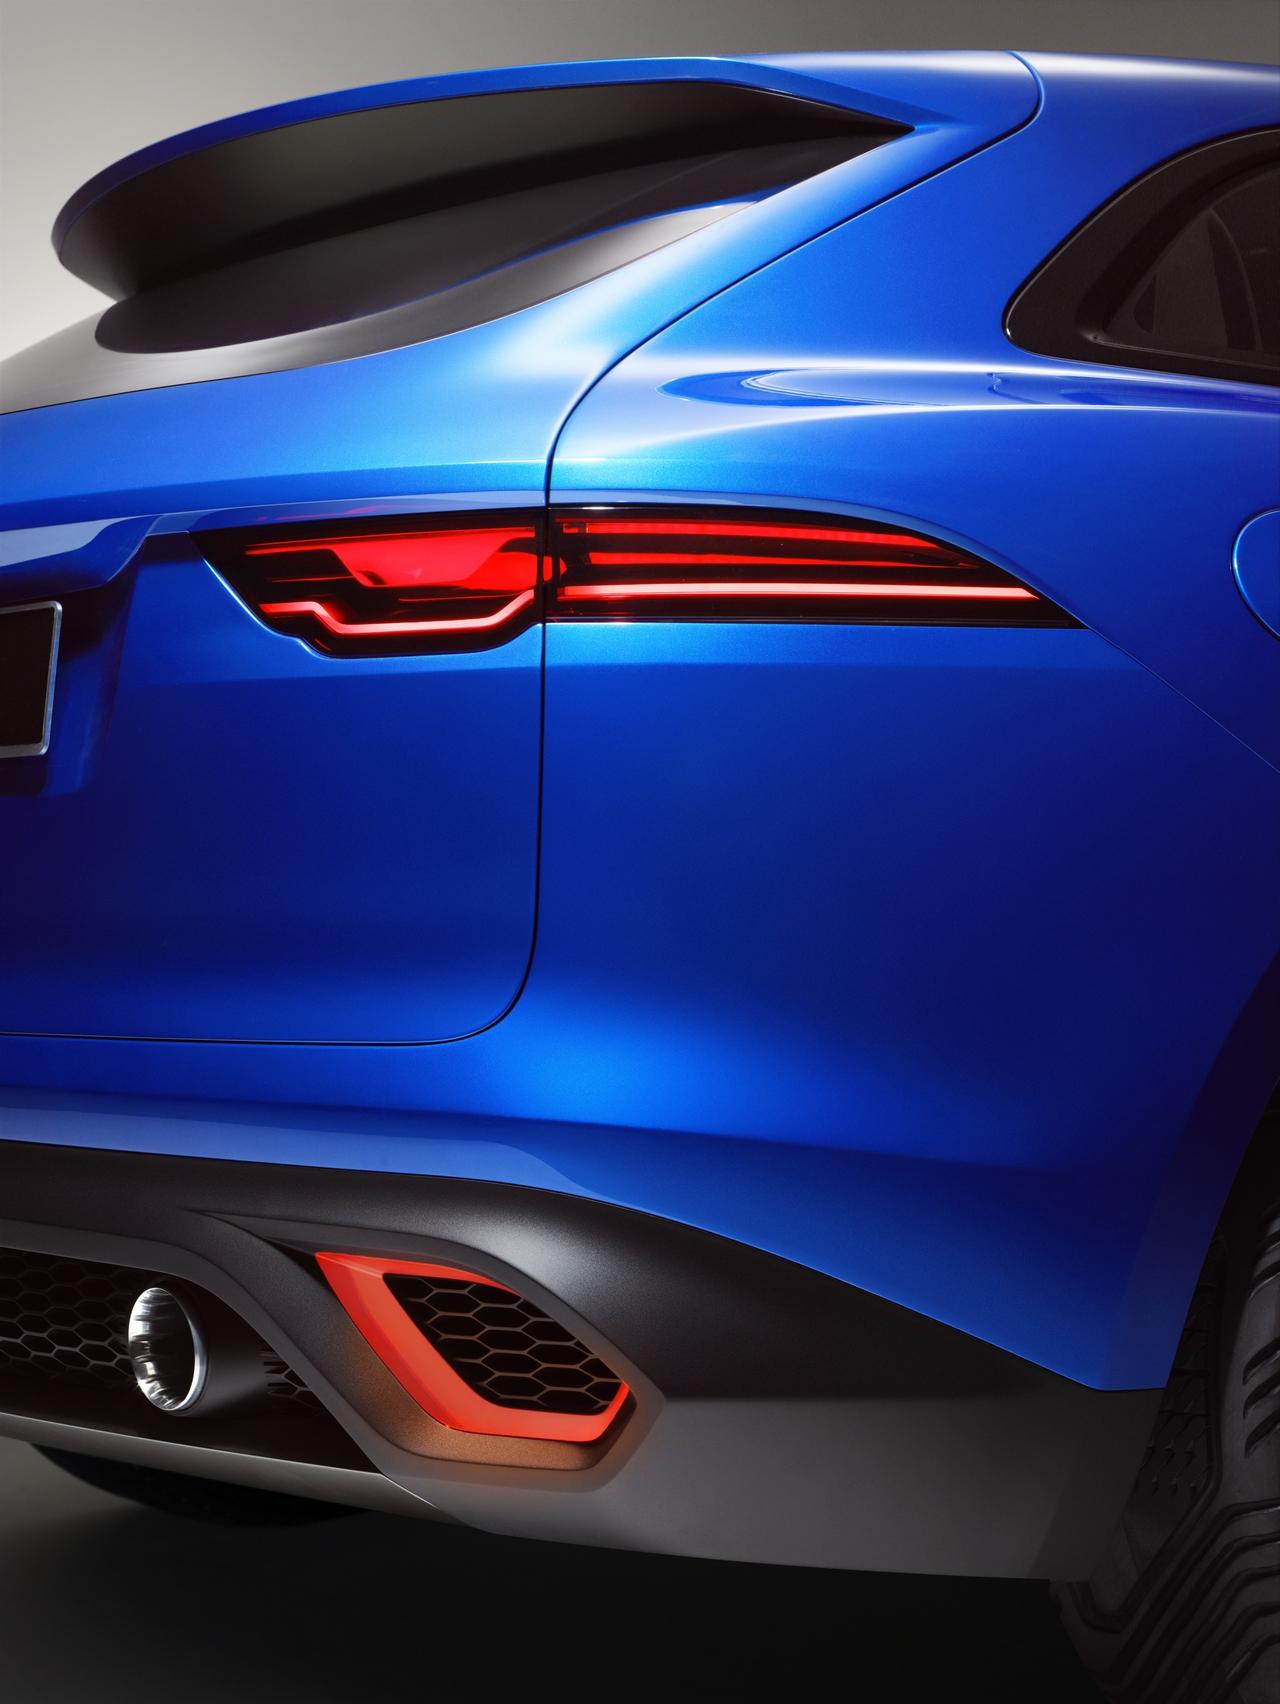 jaguar-c-x17-sports-crossover-concept_250-100